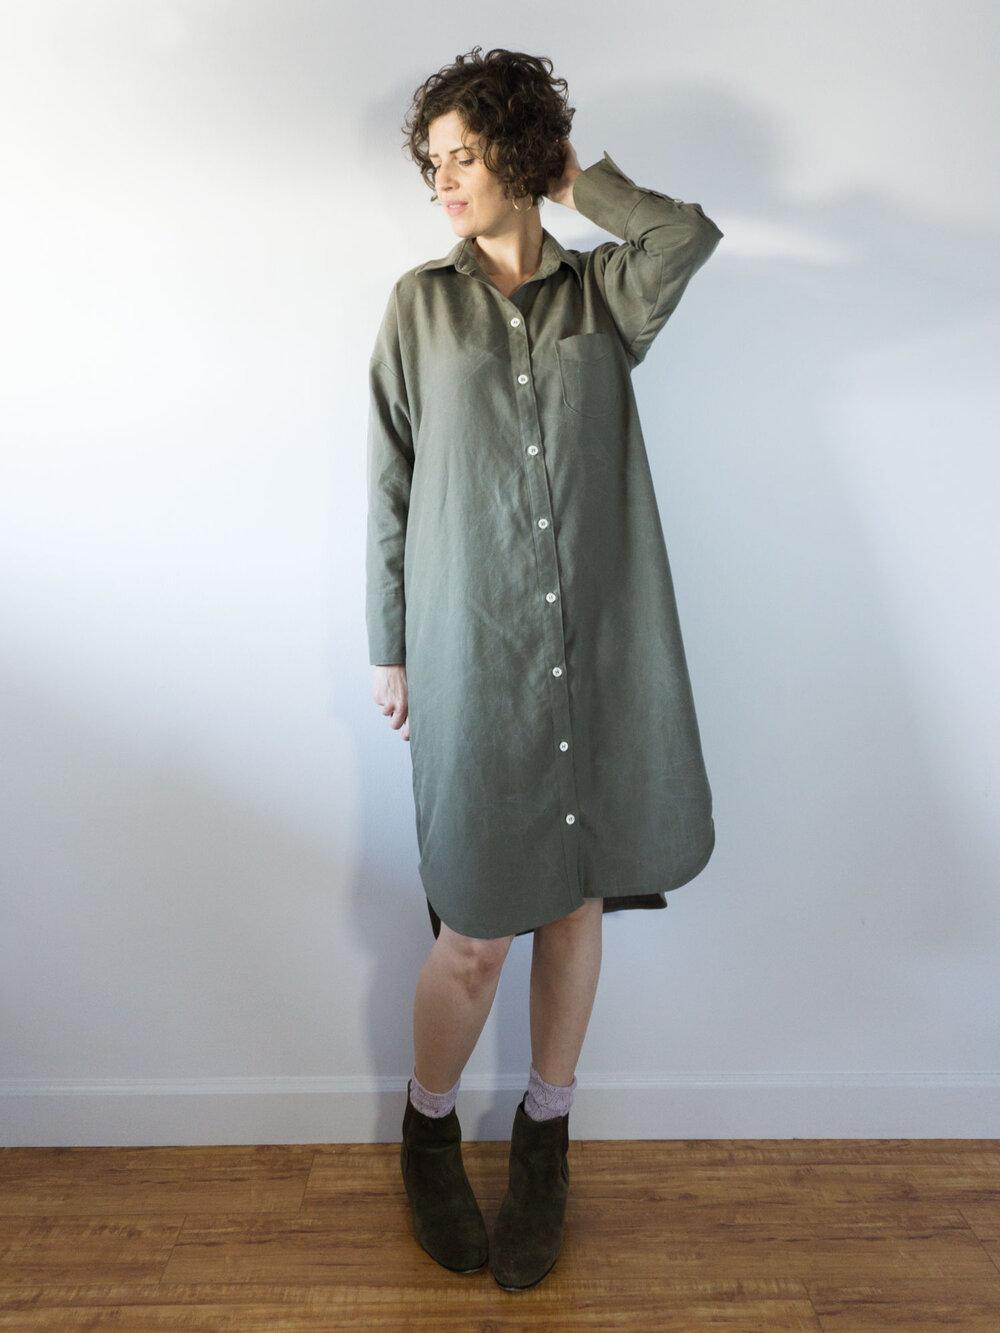 Kalle Shirtdress by Sew DIY